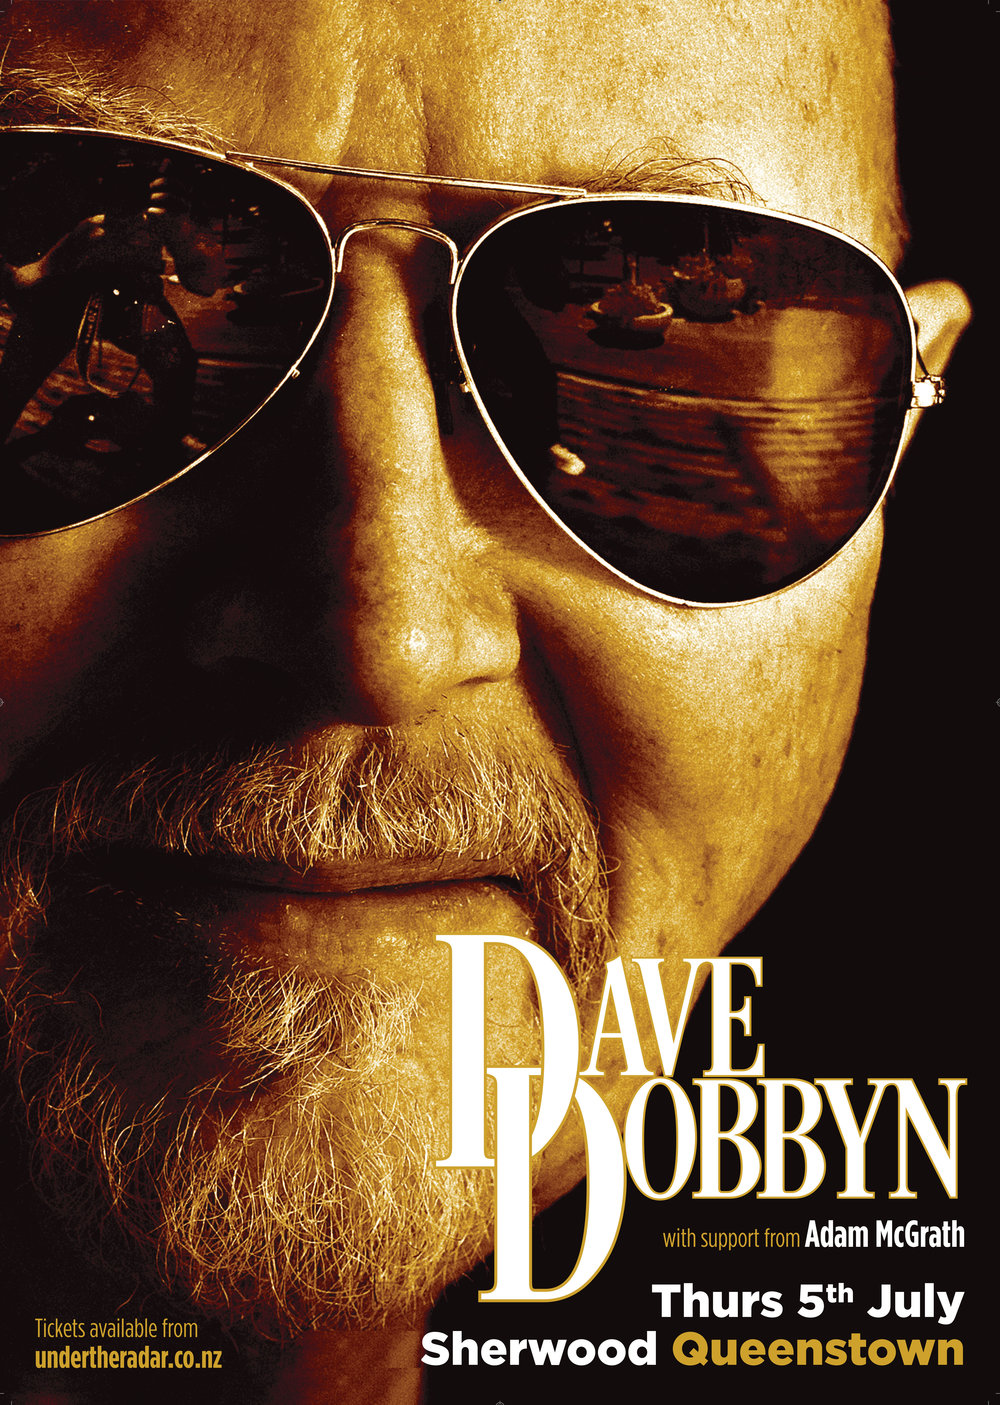 DAVE DOBBYN WINTER TOUR 2018 NEW (Page 03).jpg